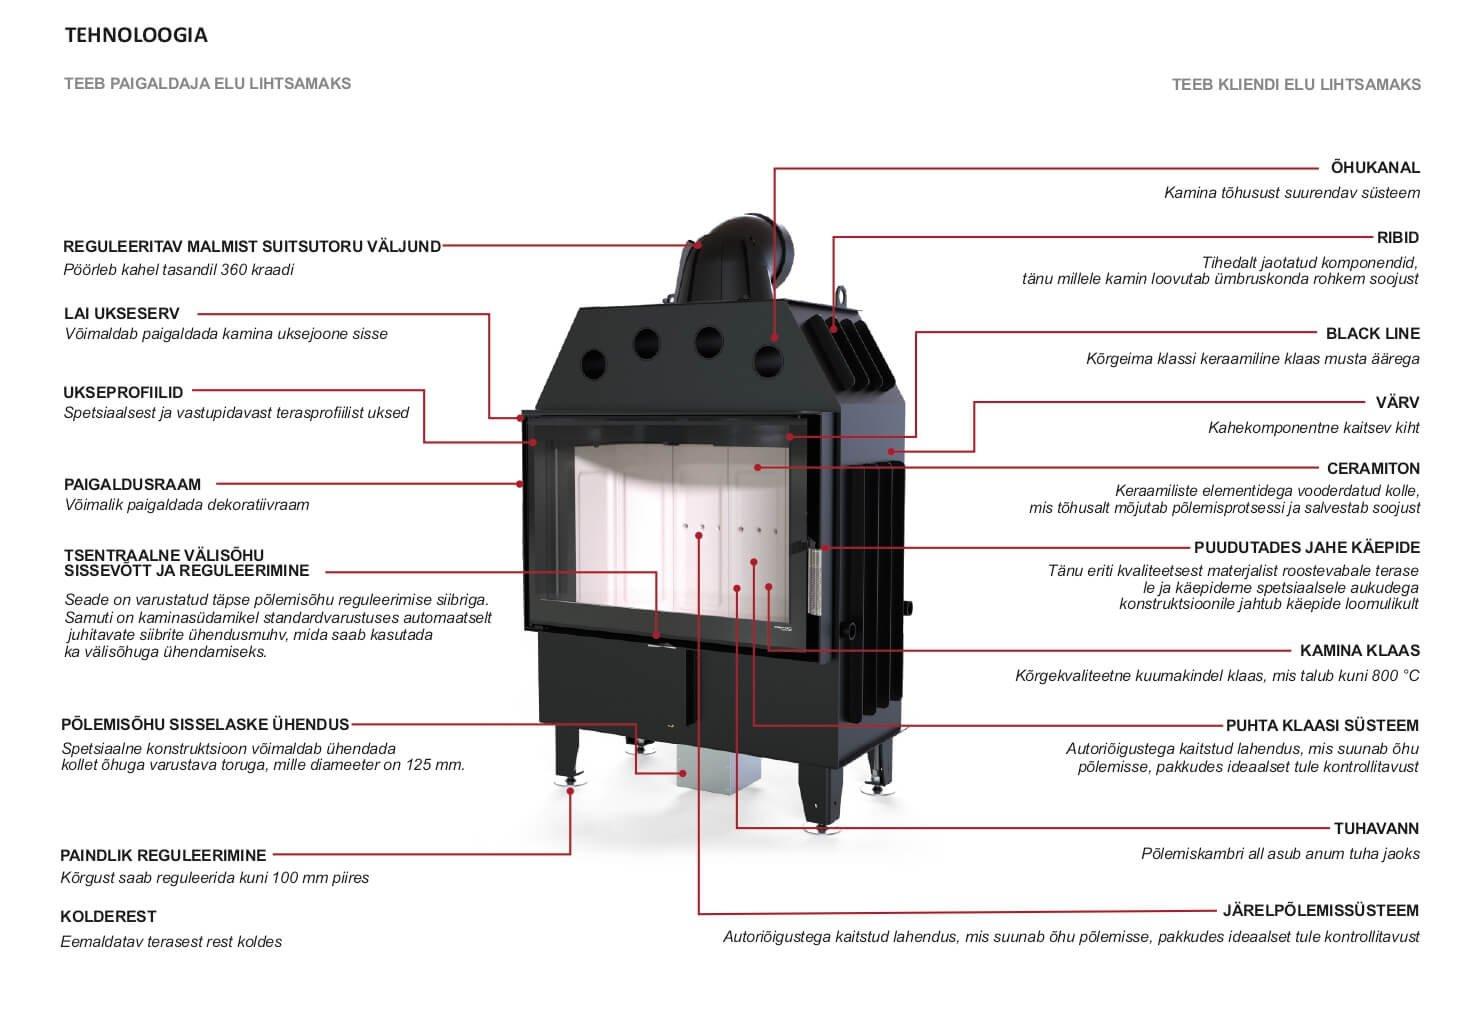 Defro-Home-Sudamik-Intra-tehnoloogia-EE.jpg